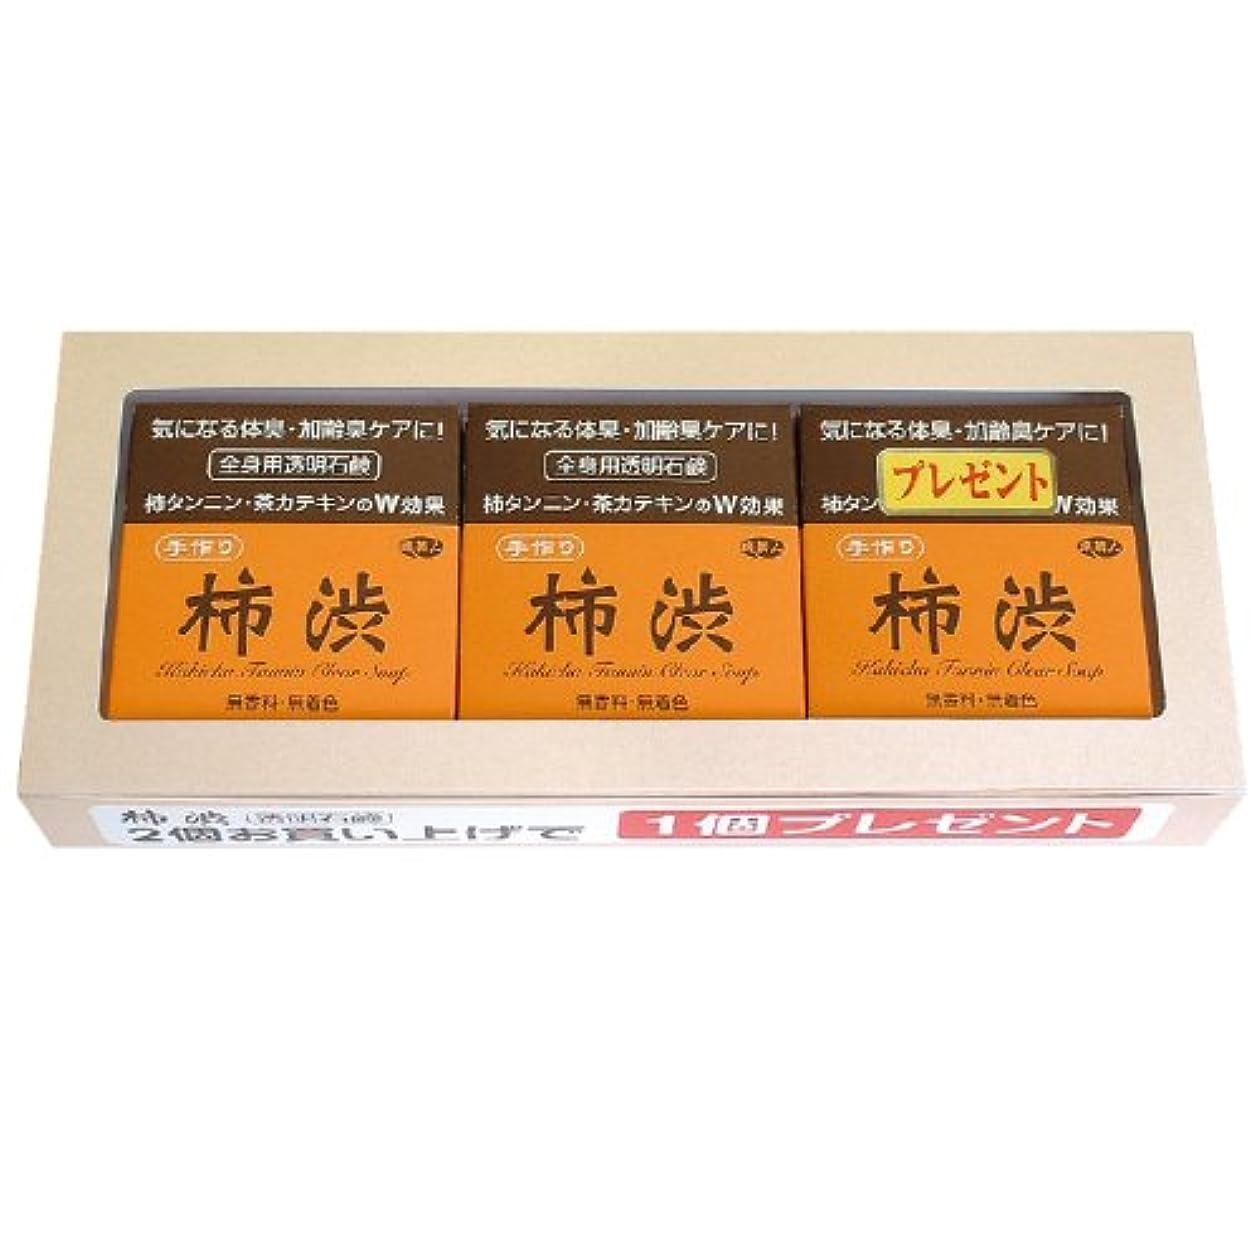 クランプ毒性決定するアズマ商事の 柿渋透明石鹸 2個の値段で3個入りセット